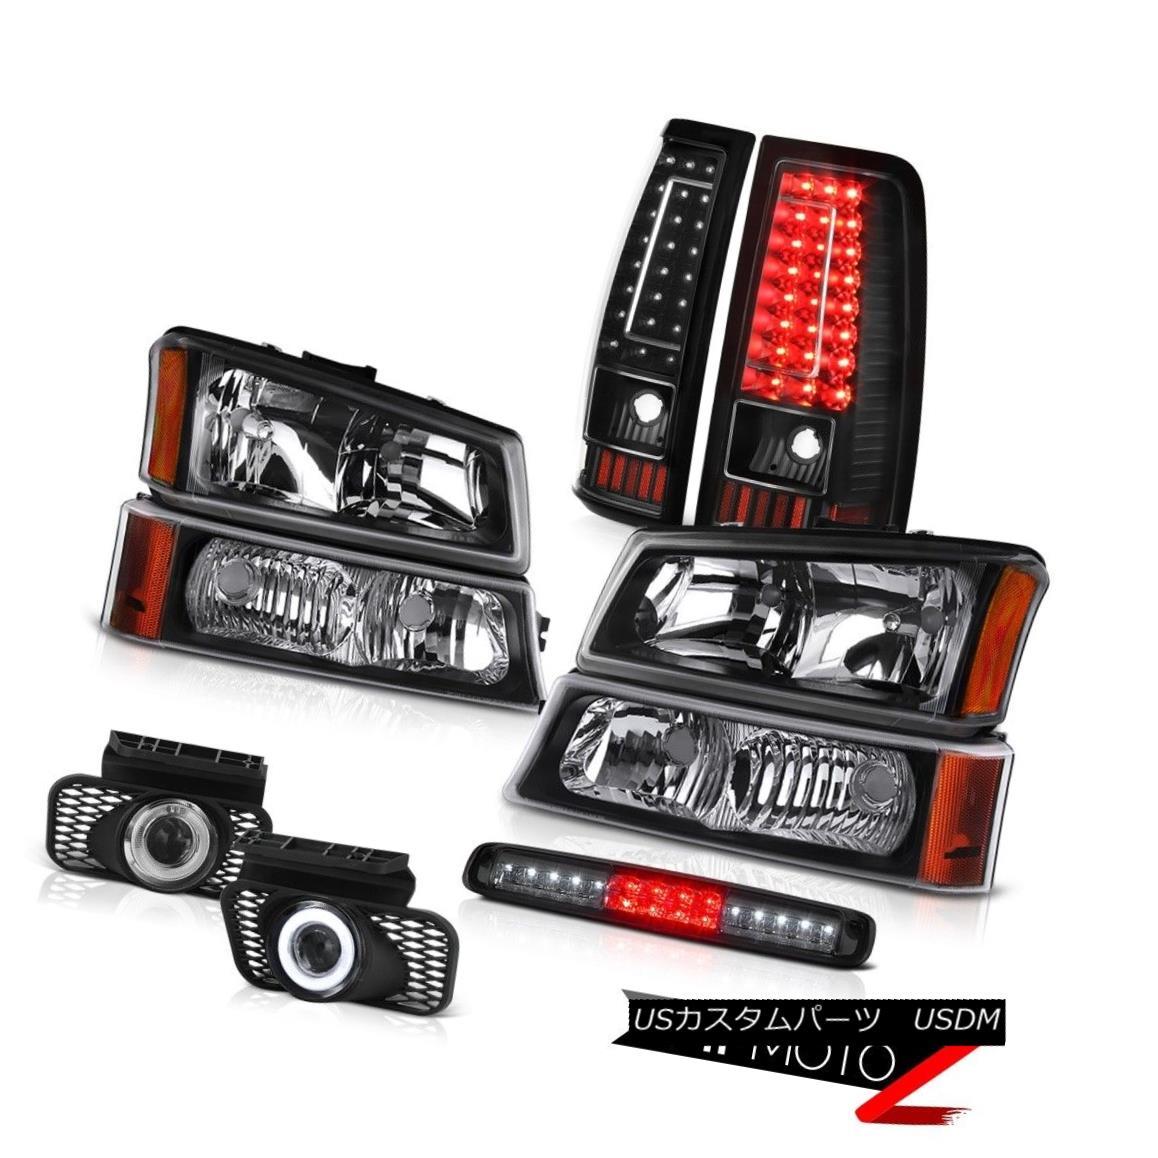 テールライト 03-06 Chevy Silverado Roof Cargo Light Fog Lights Taillights Signal Headlights 03-06シボレーシルバラード屋根カーゴライトフォグライトターンライトシグナルヘッドライト